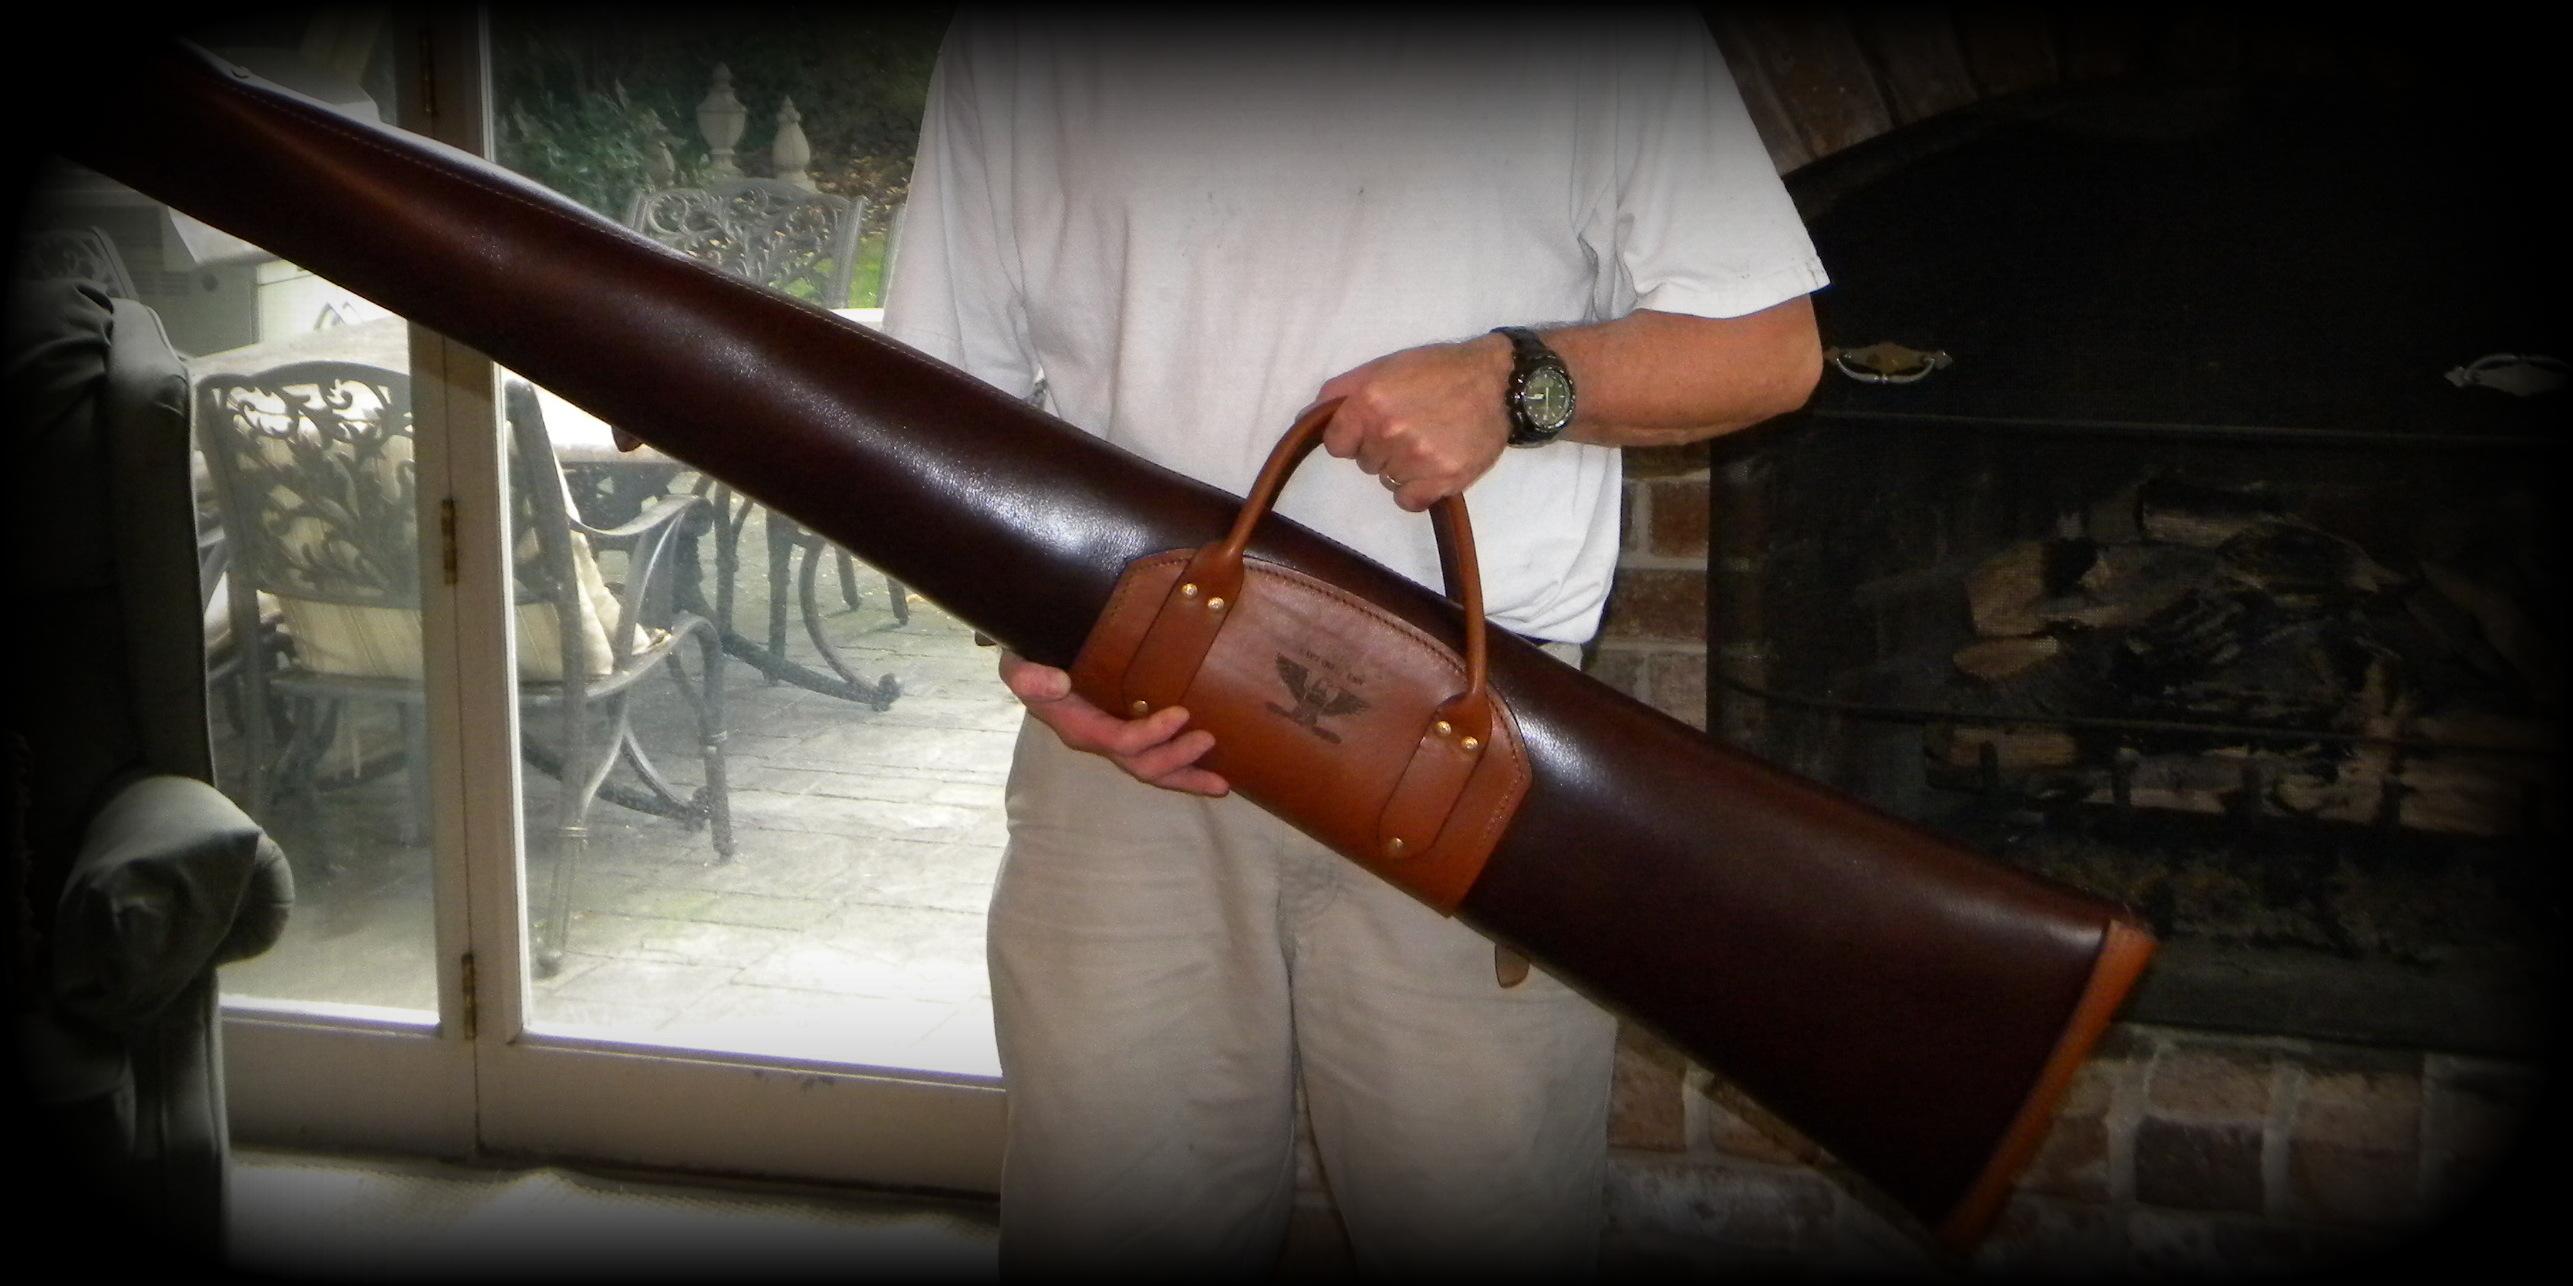 Long Gun Case